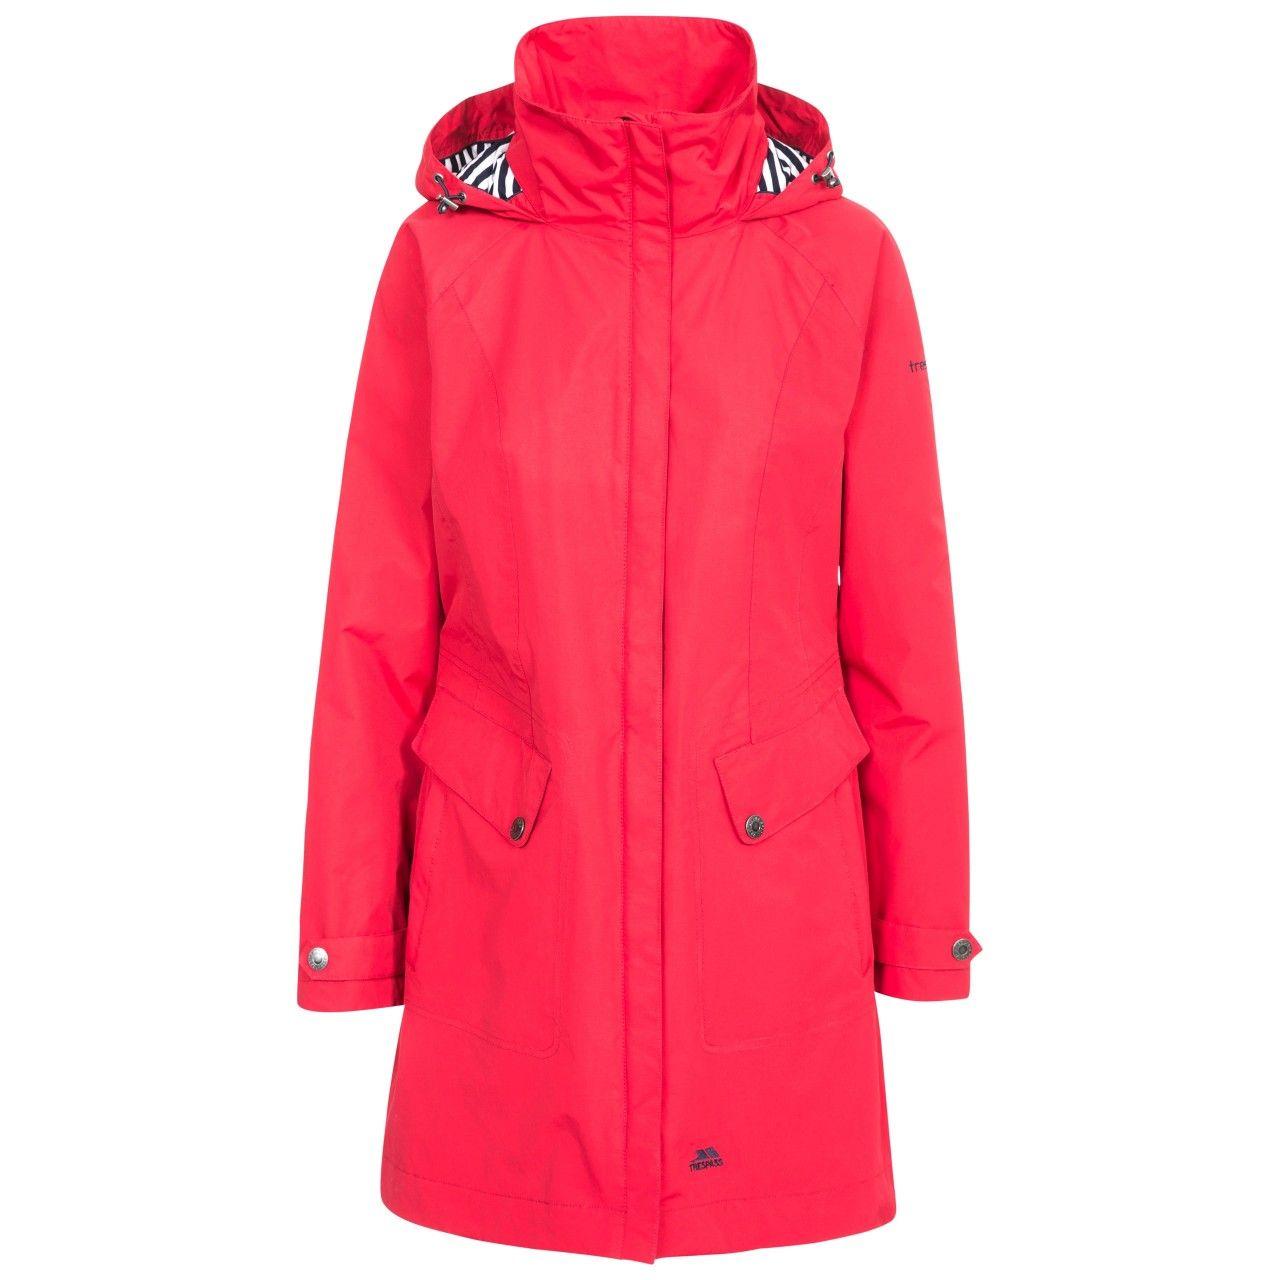 Trespass Womens/Ladies Rainy Day Waterproof Jacket